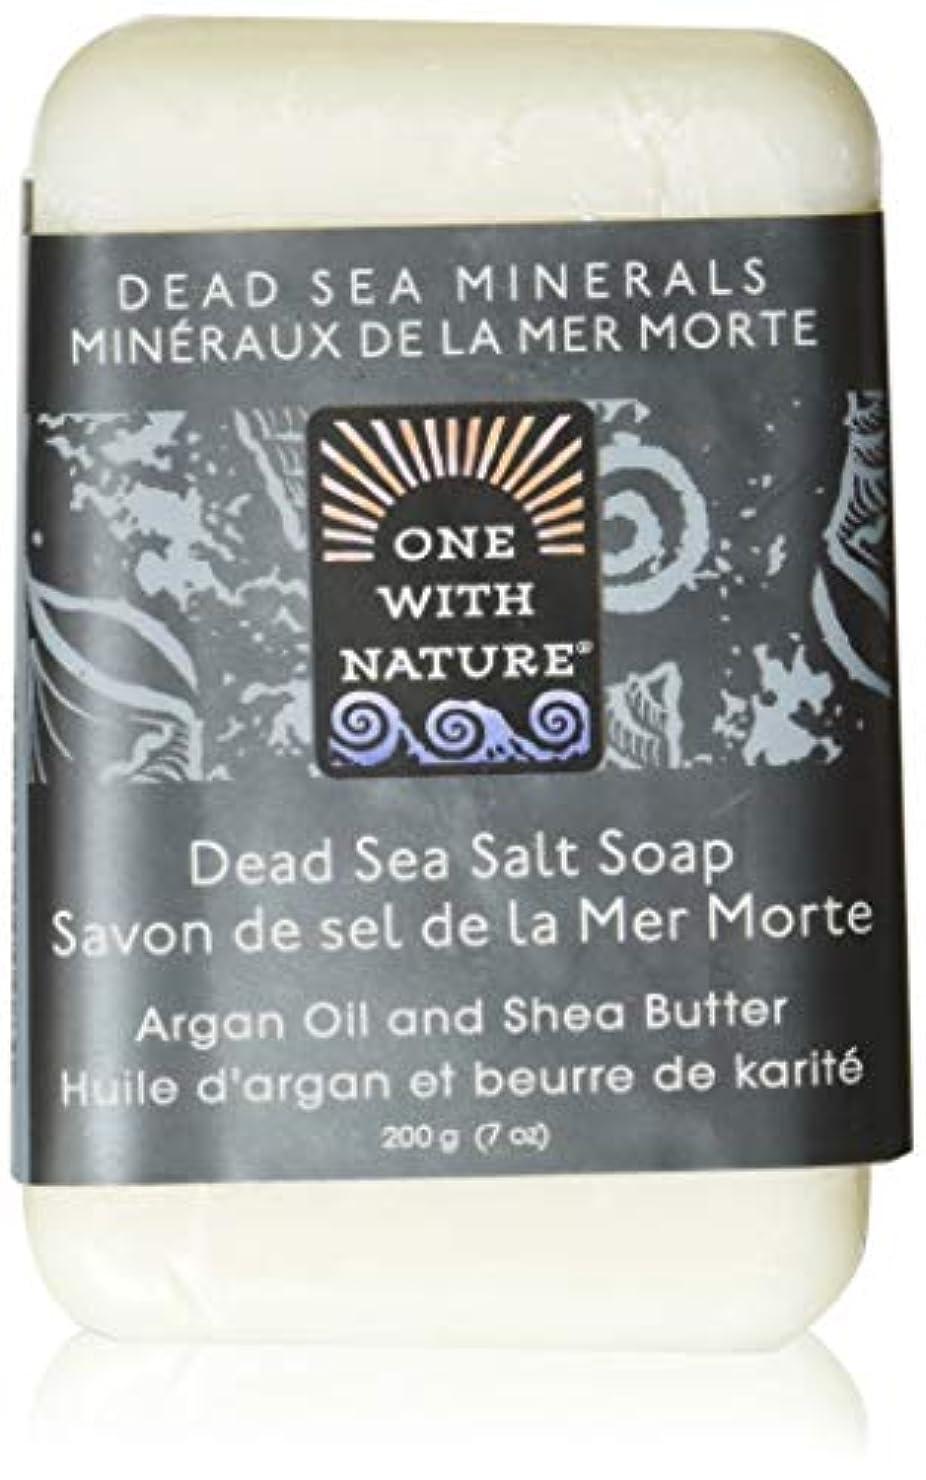 小説家知り合いになるポインタDead Sea Mineral Dead Sea Salt Soap - 7 oz by One With Nature